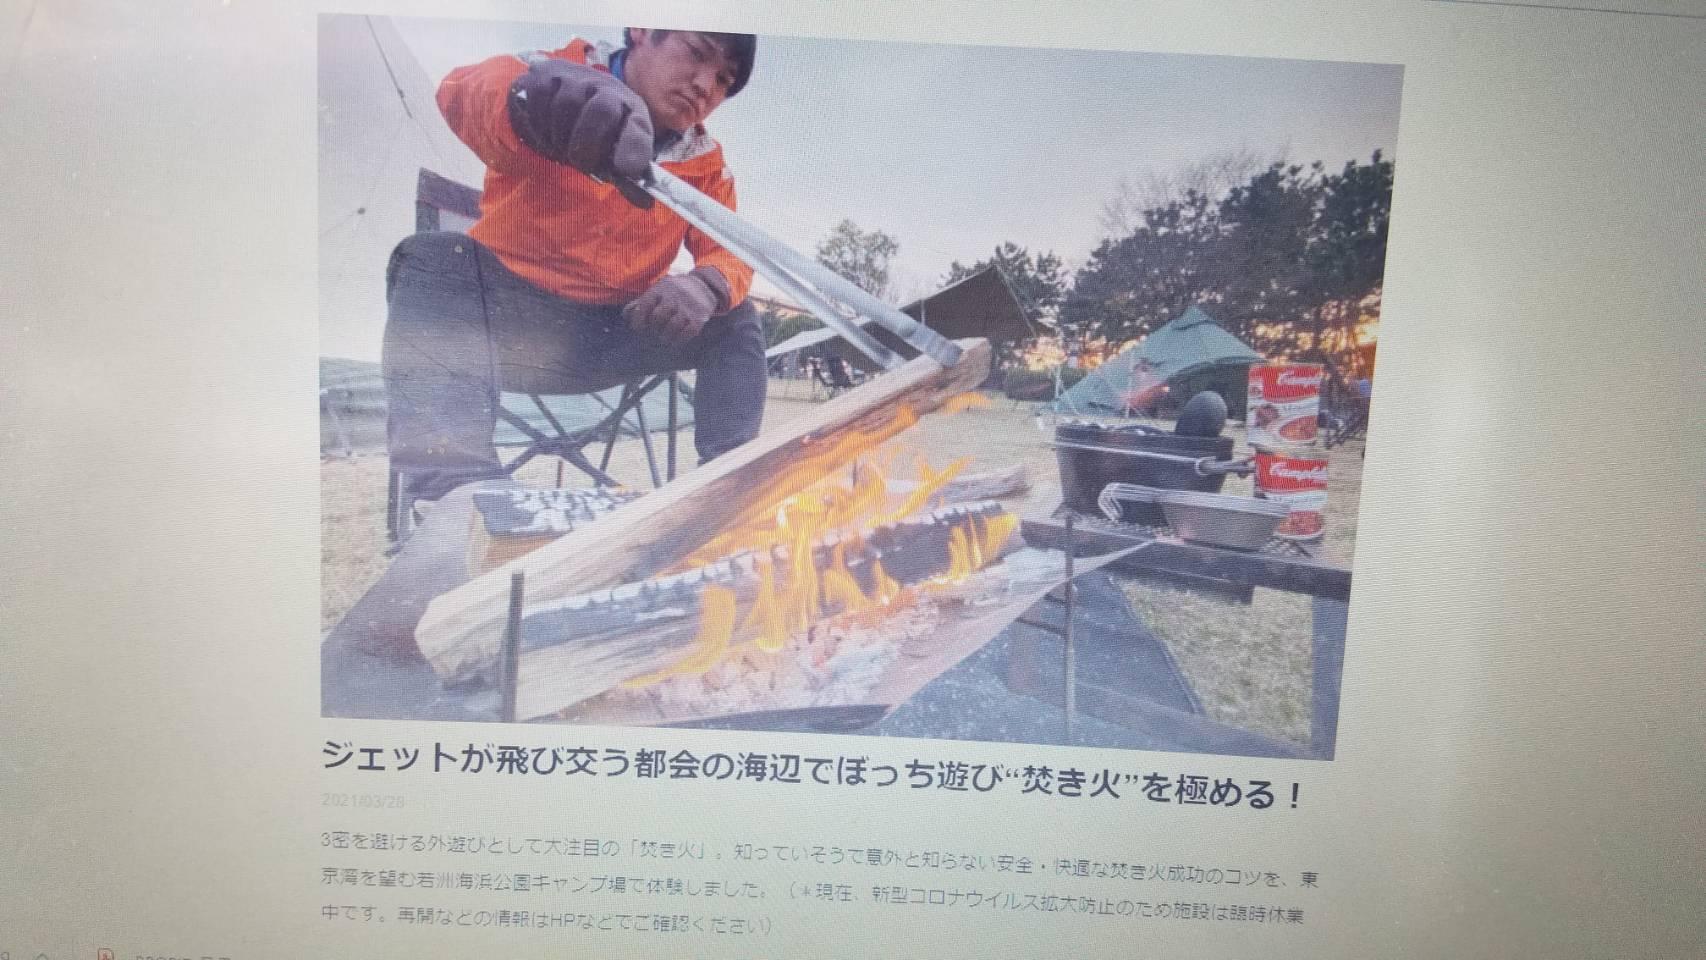 https://www.hero.co.jp/news/images/223153.jpg